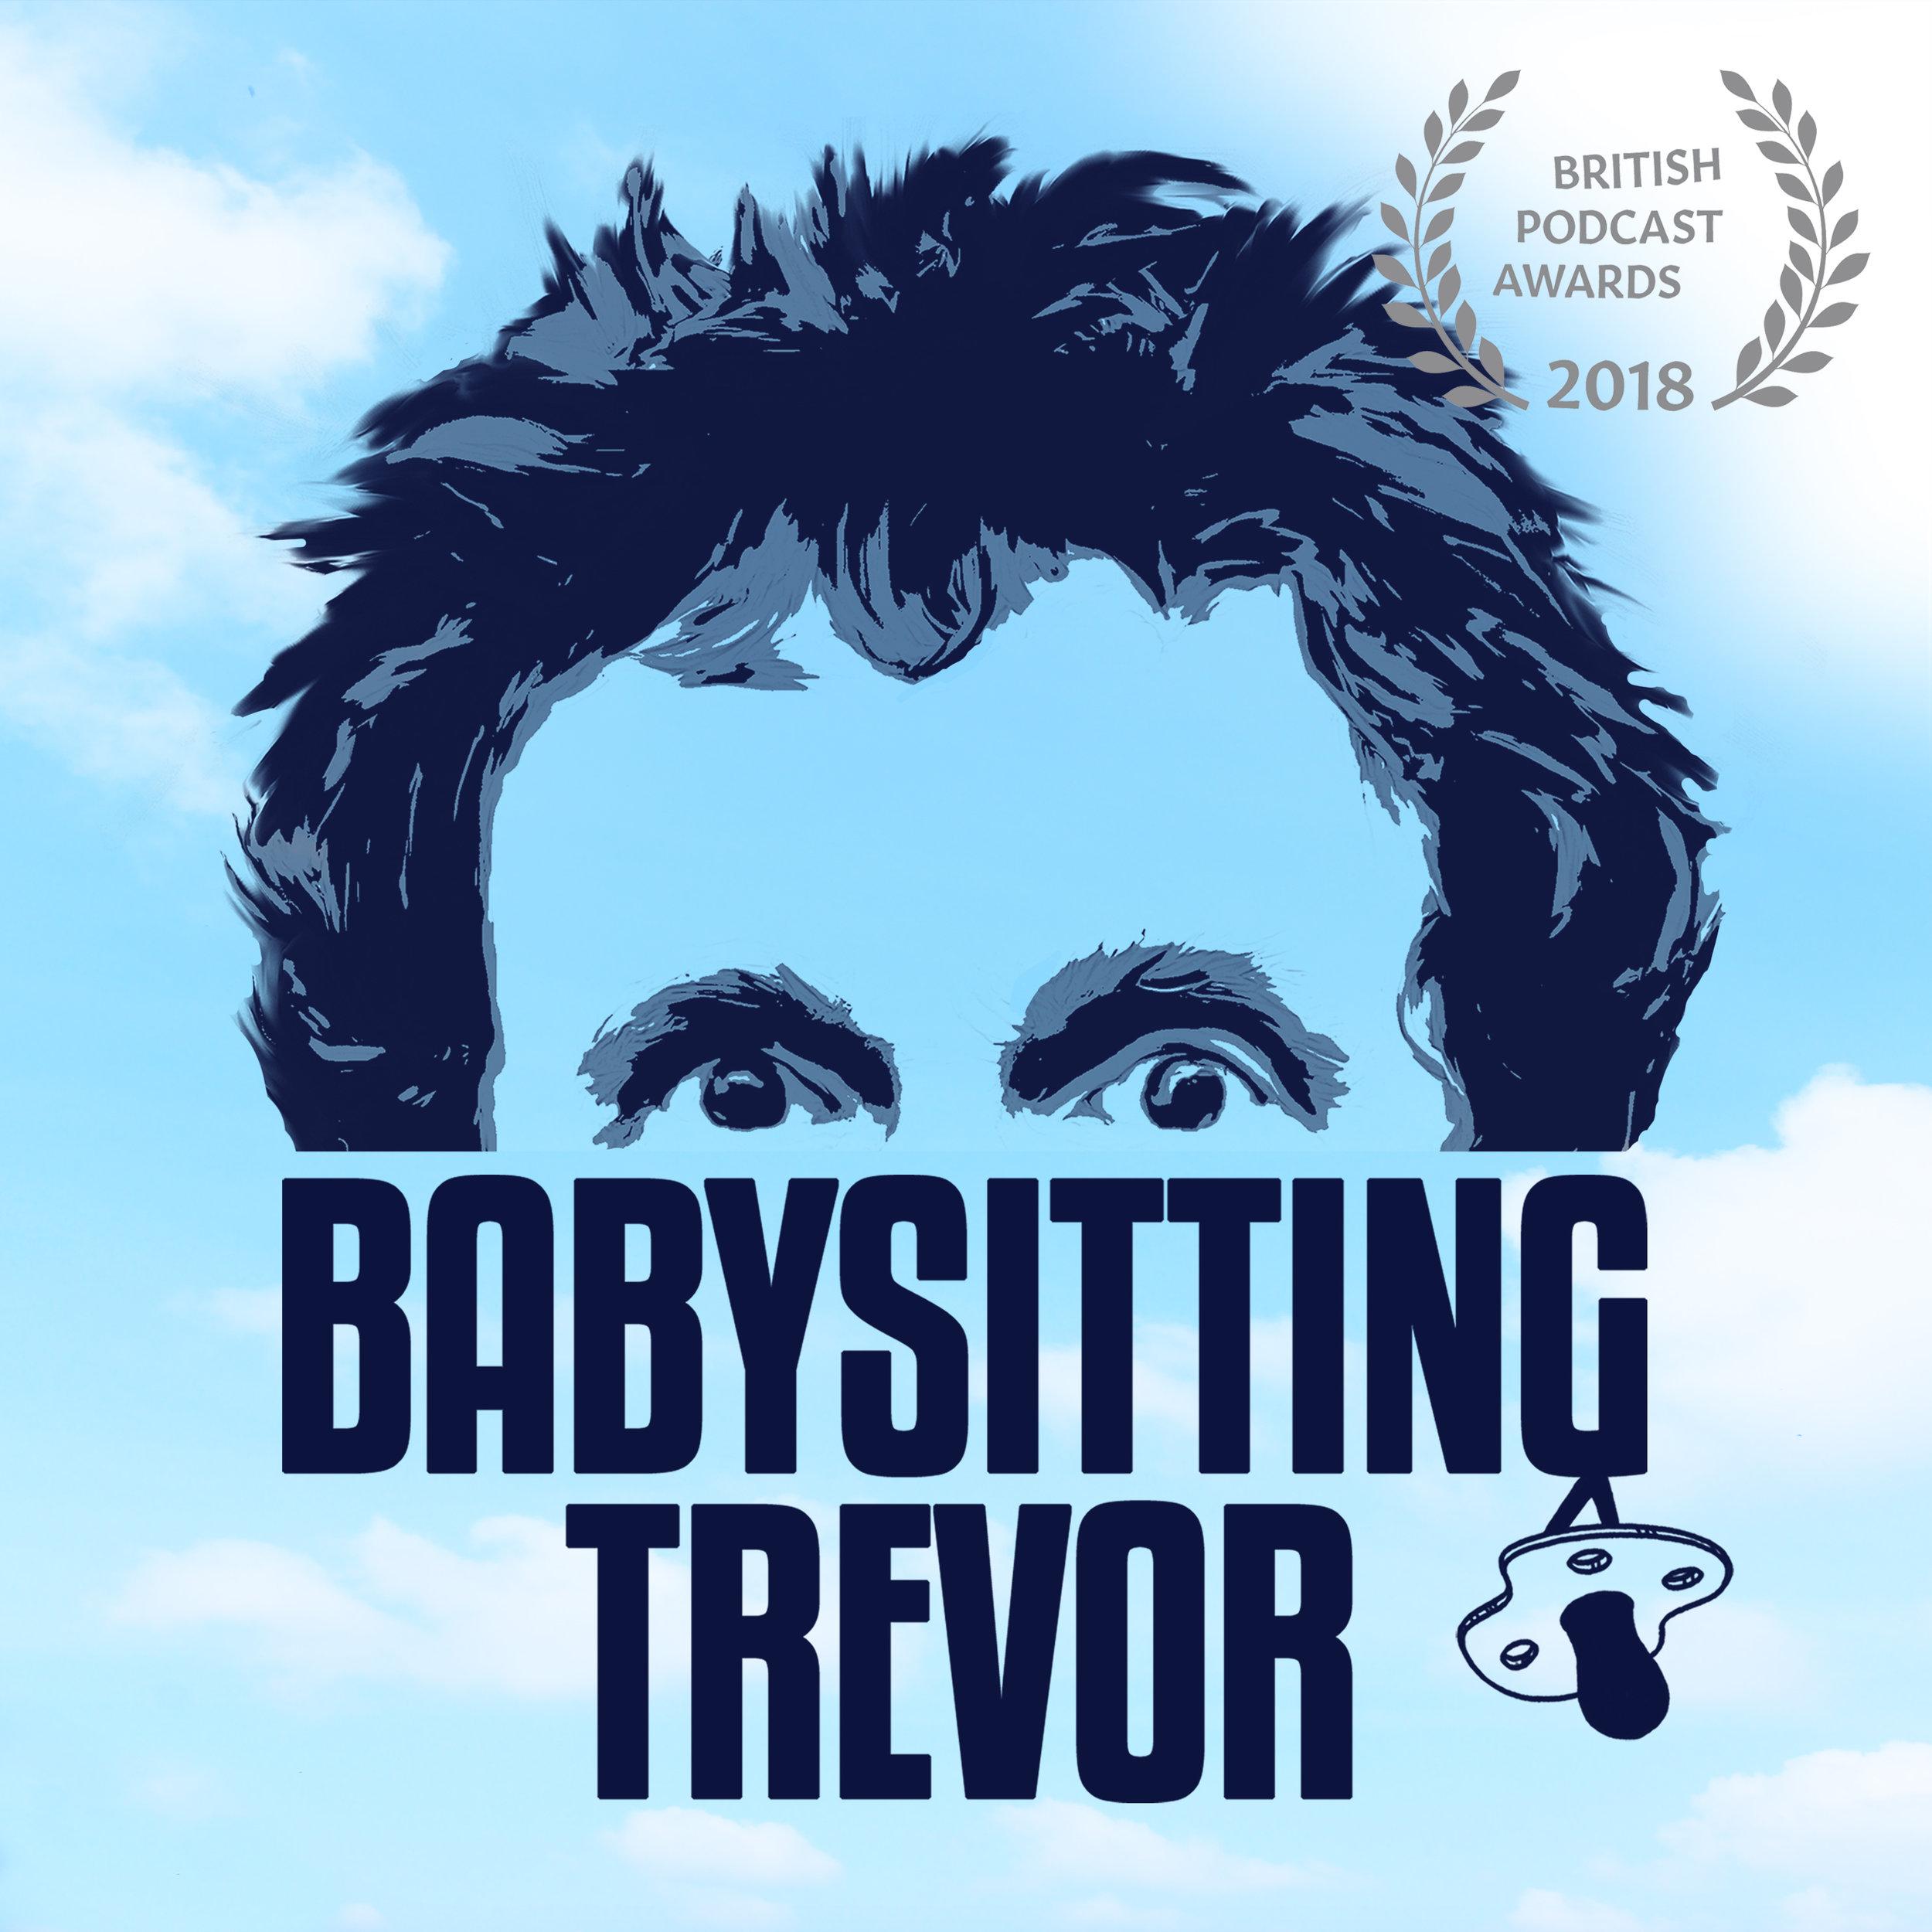 BABYSITTING TREVOR